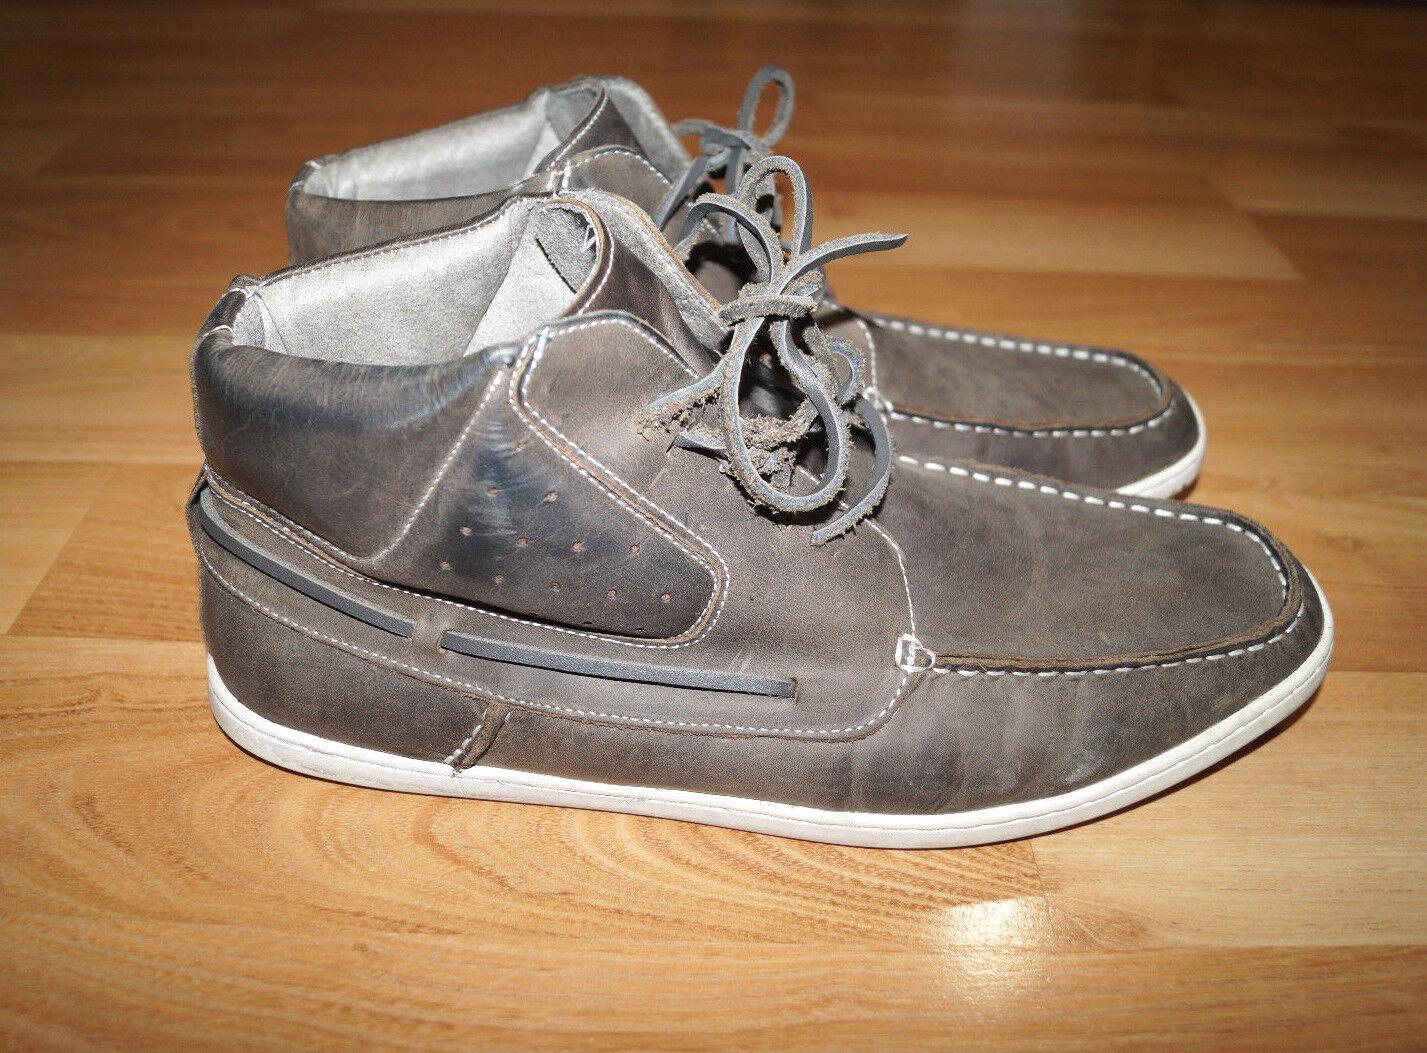 Steve Madden Furl Stiefel 11 Gray Leder Größe 11 Stiefel Vintage 257835